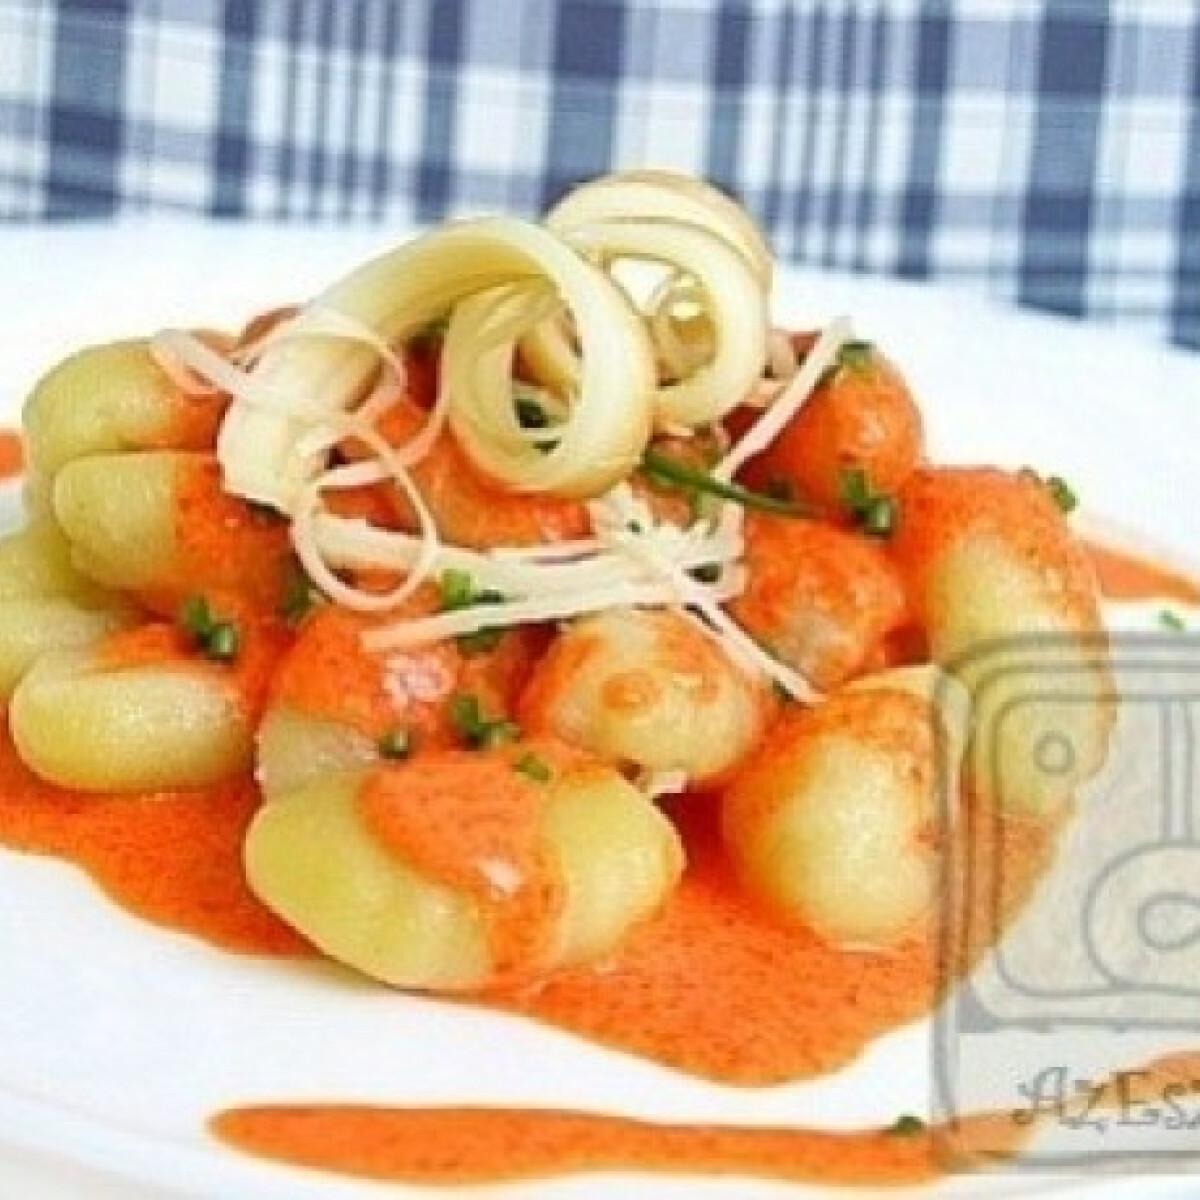 Ezen a képen: Gnocchi sültpaprika krémmel és parenyicával